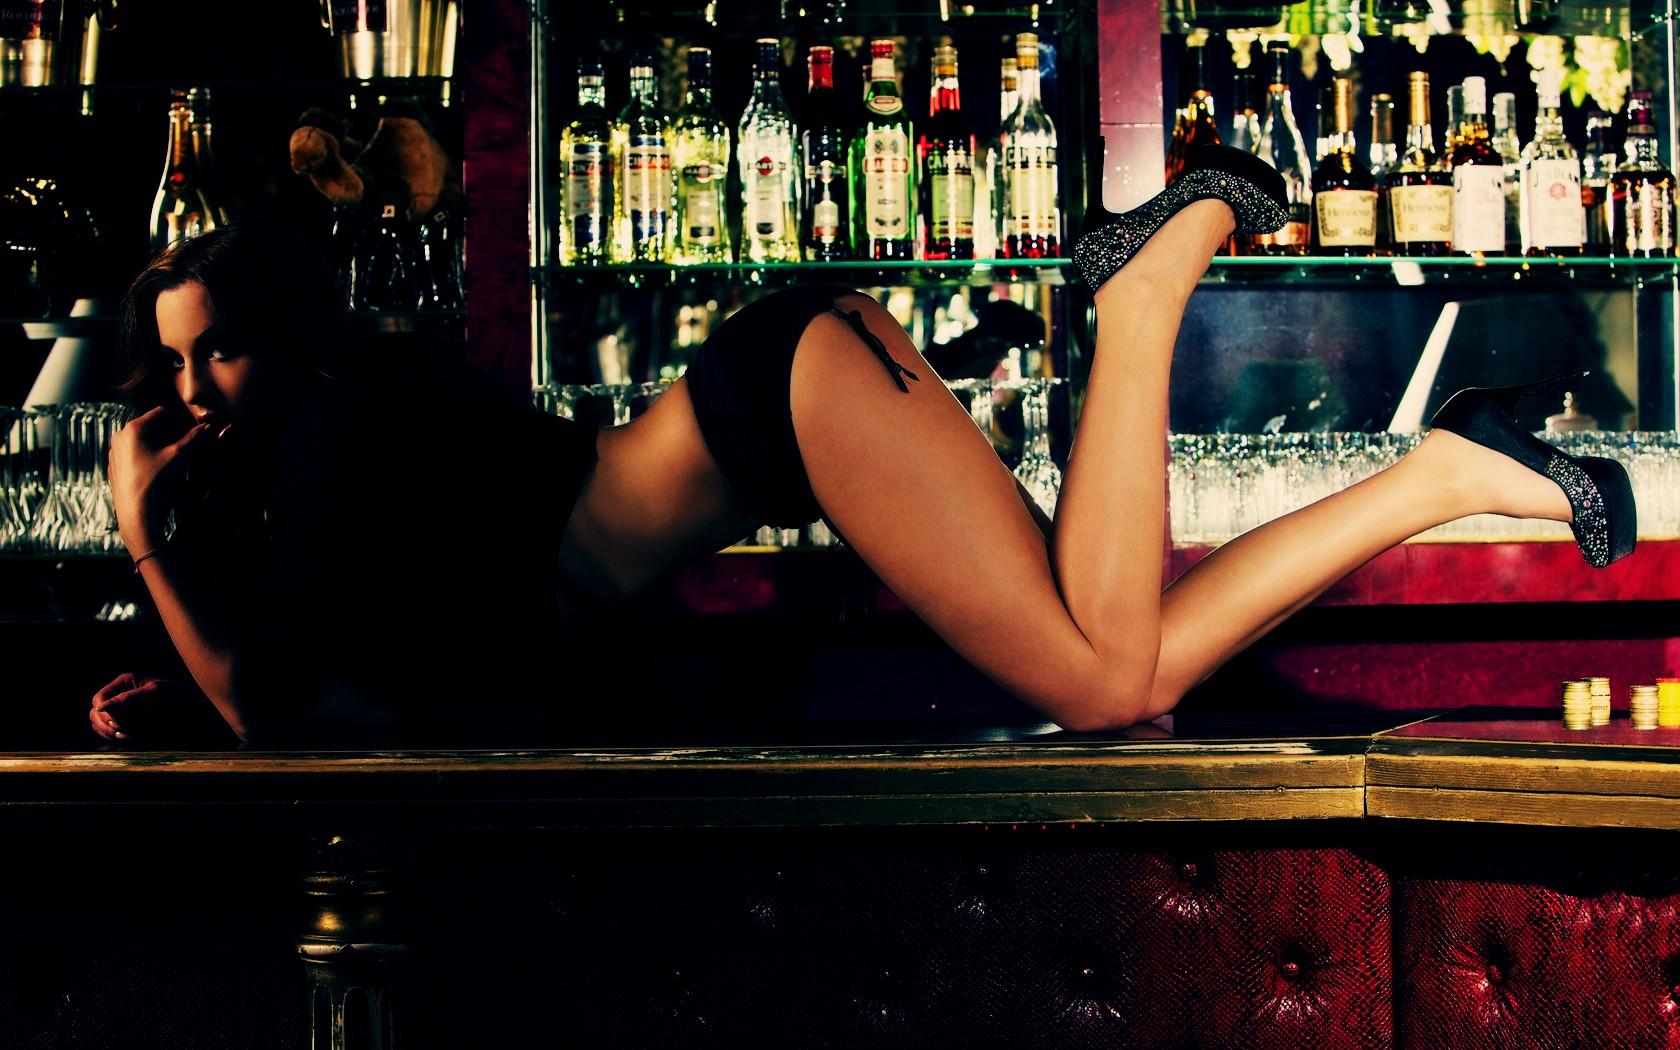 сказать что фото снял женщину в баре и отодрал в зад призналась